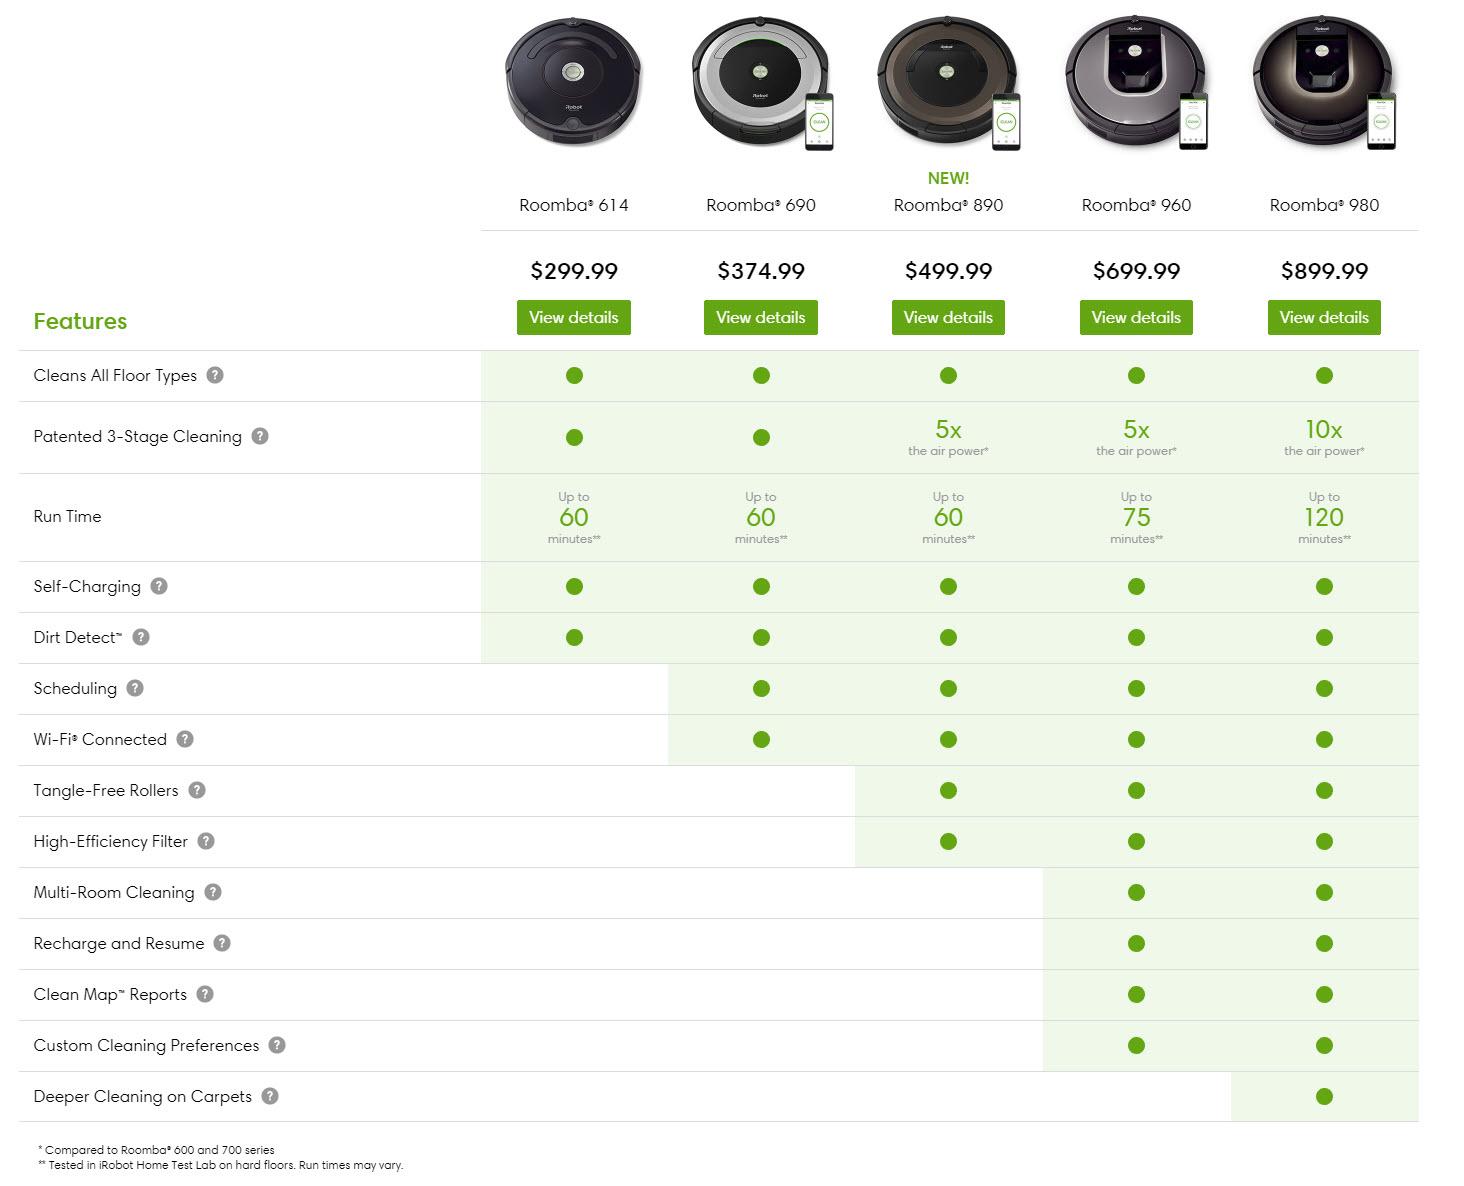 Comparison chart. Courtesy of Roomba.com